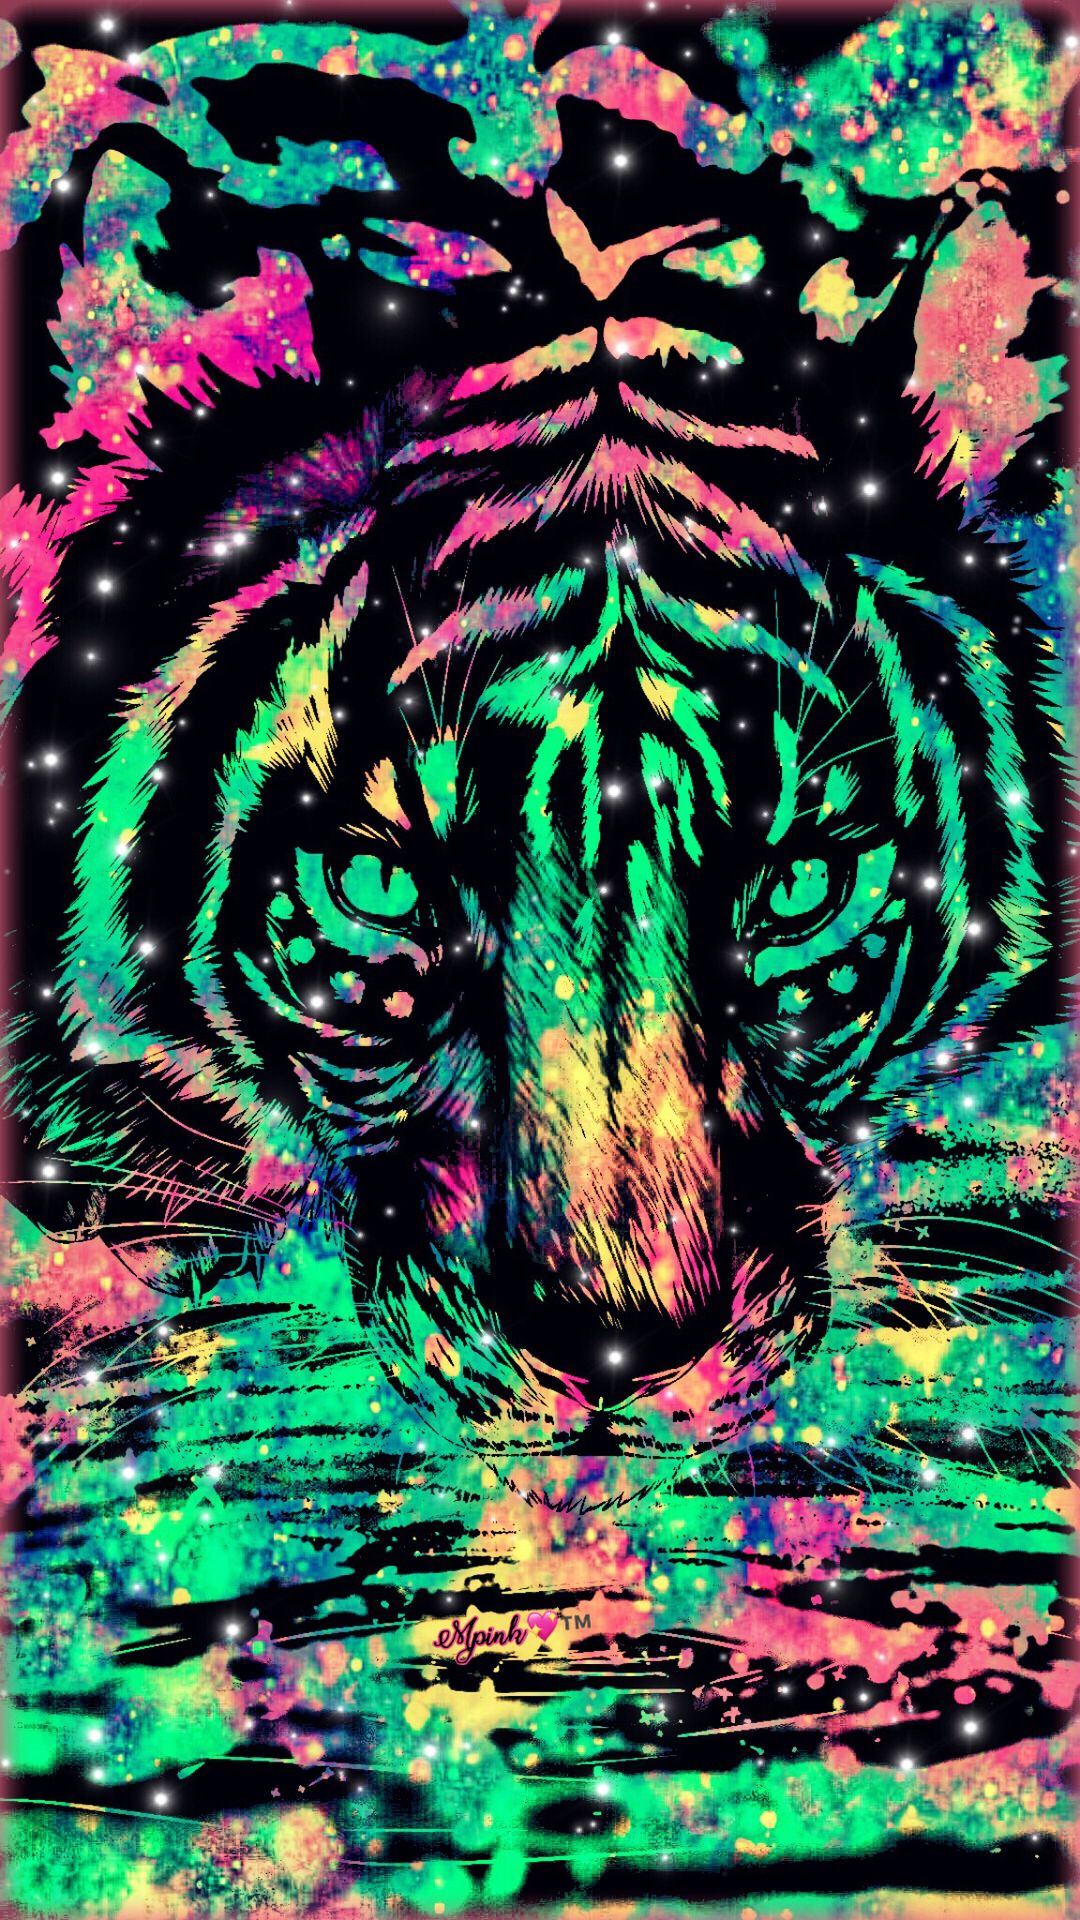 Tiger Galaxy Wallpaper androidwallpaper iphonewallpaper wallpaper